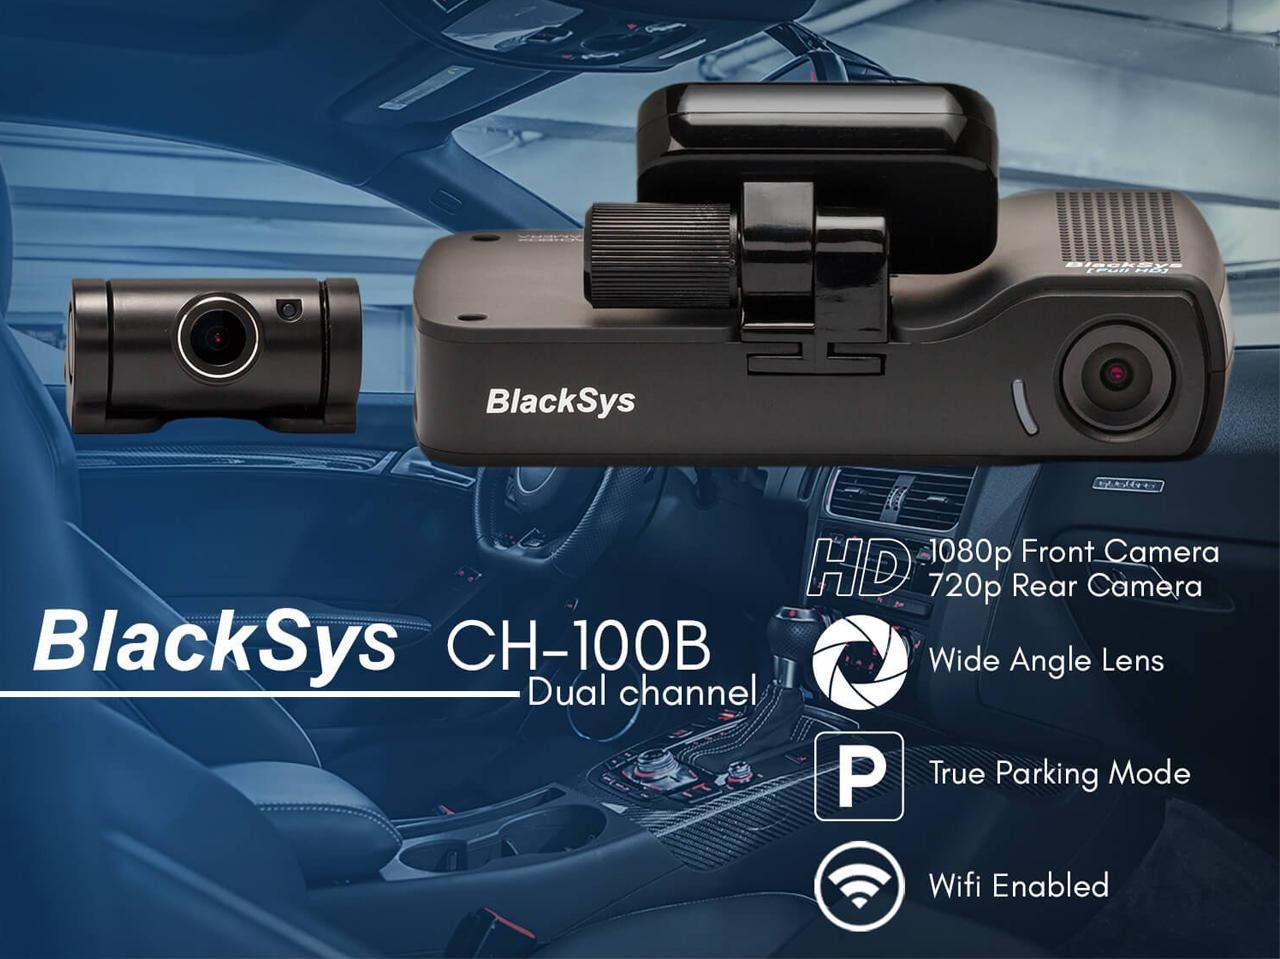 กล้องติดรถยนต์ Blacksys CH-100B กล้องติดรถยนต์คุณภาพสูงจากประเทศเกาหลีใต้